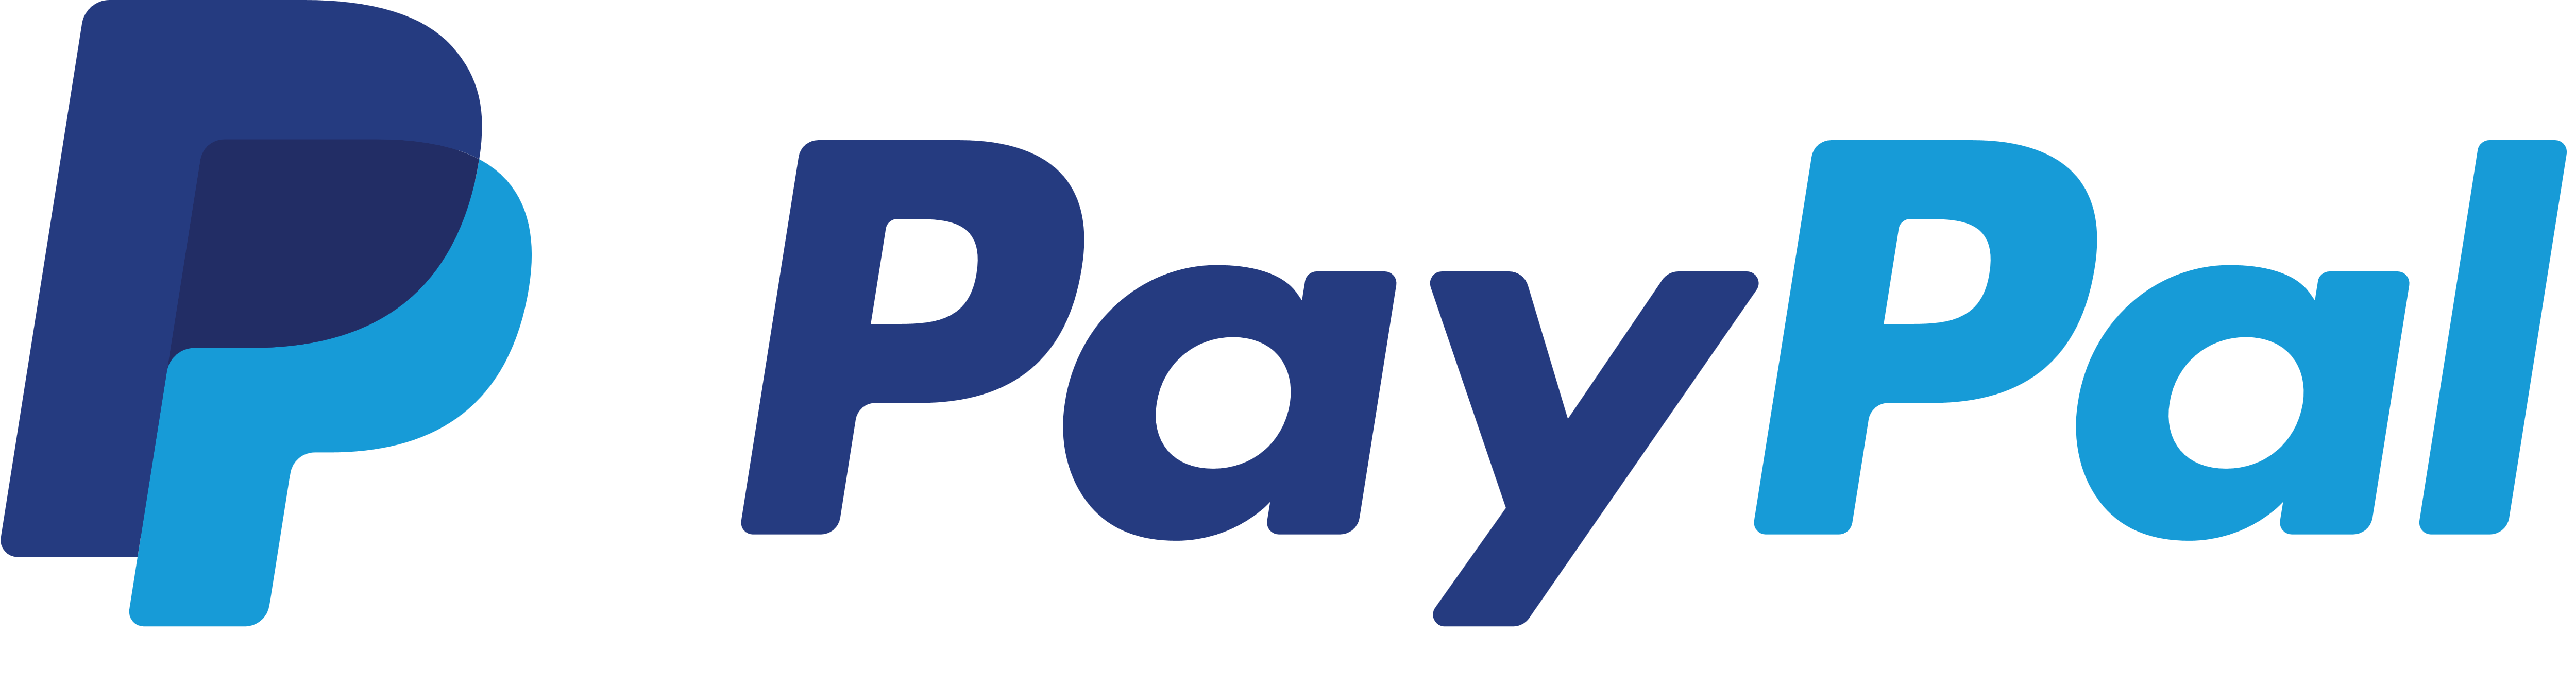 Paypal Logo Logotype Emblem